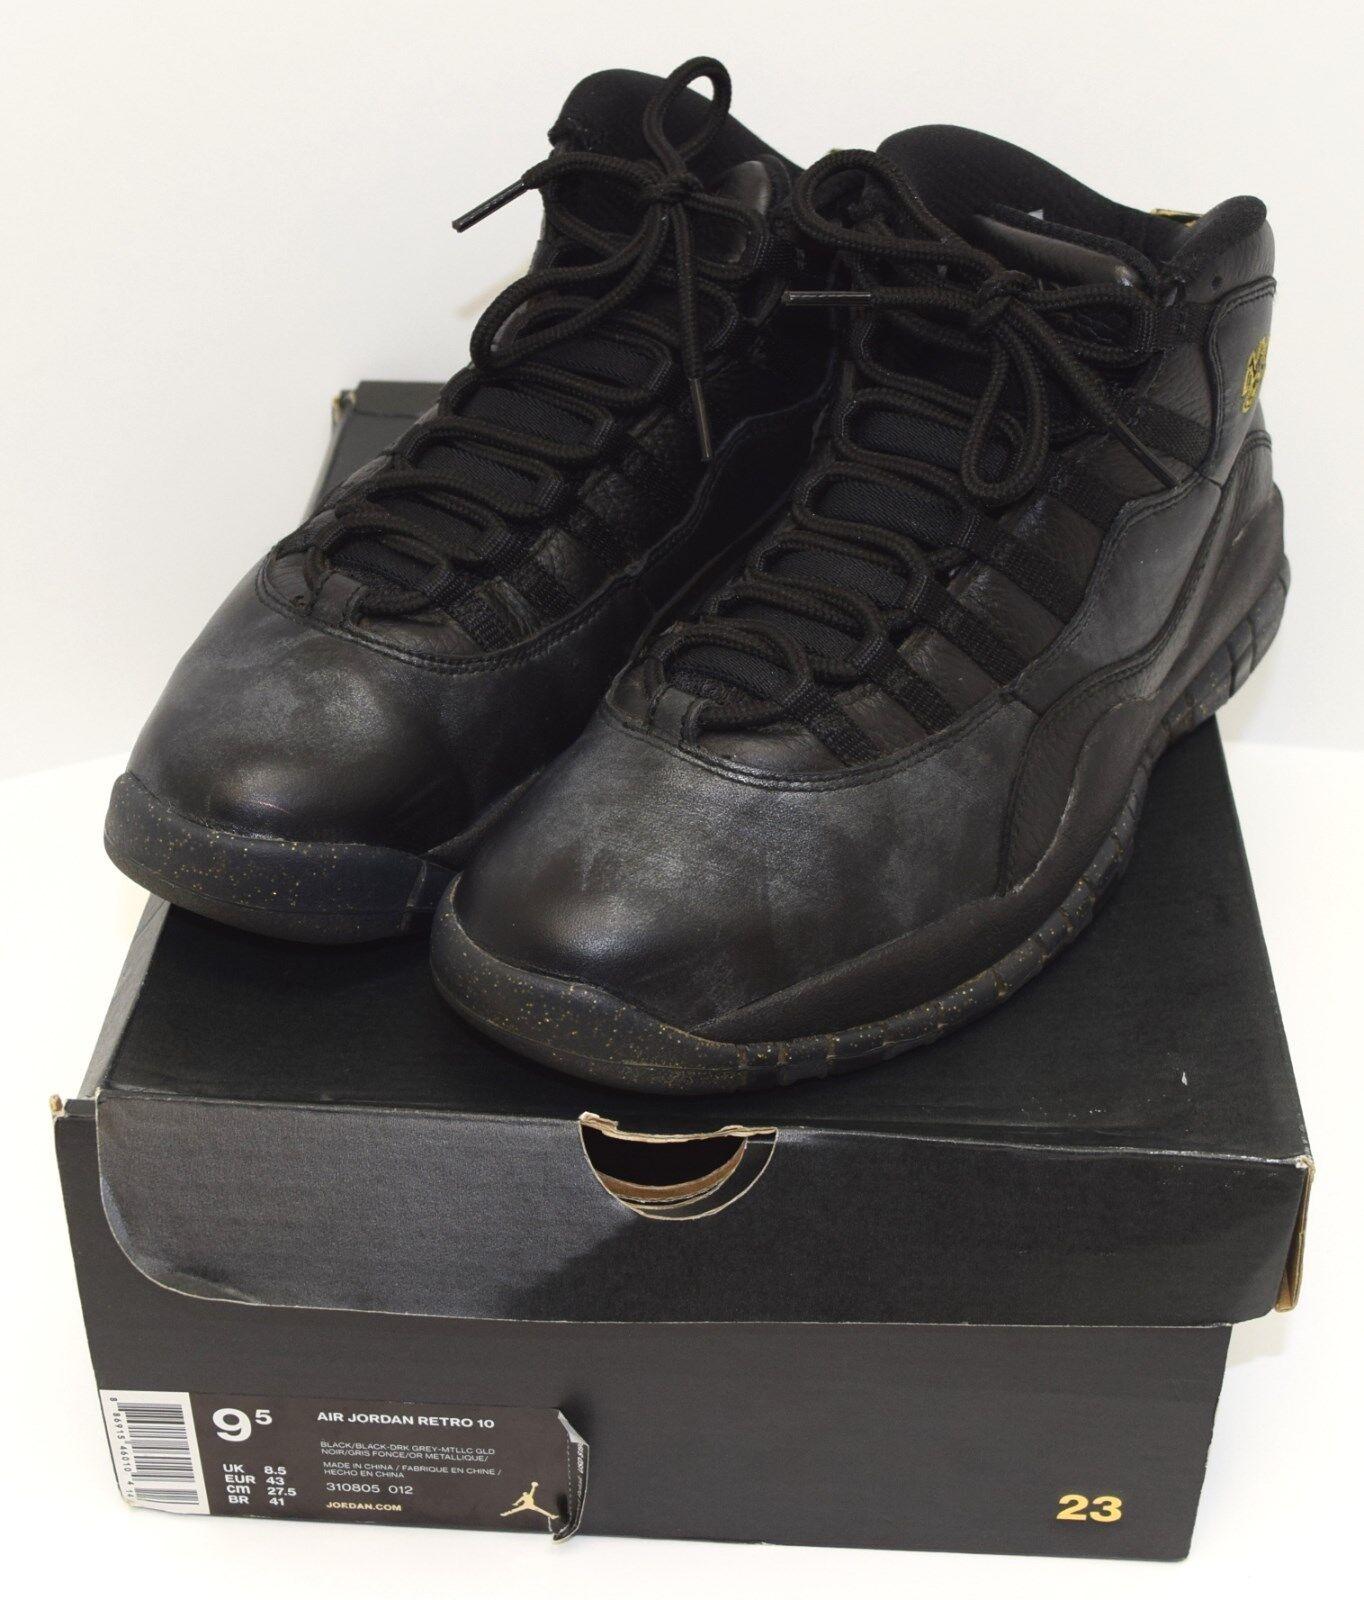 Nike air jordan x (10) retro new york 310805-012 metallico numero nero / uomo numero metallico 9,5 noi 3 2 2ec531